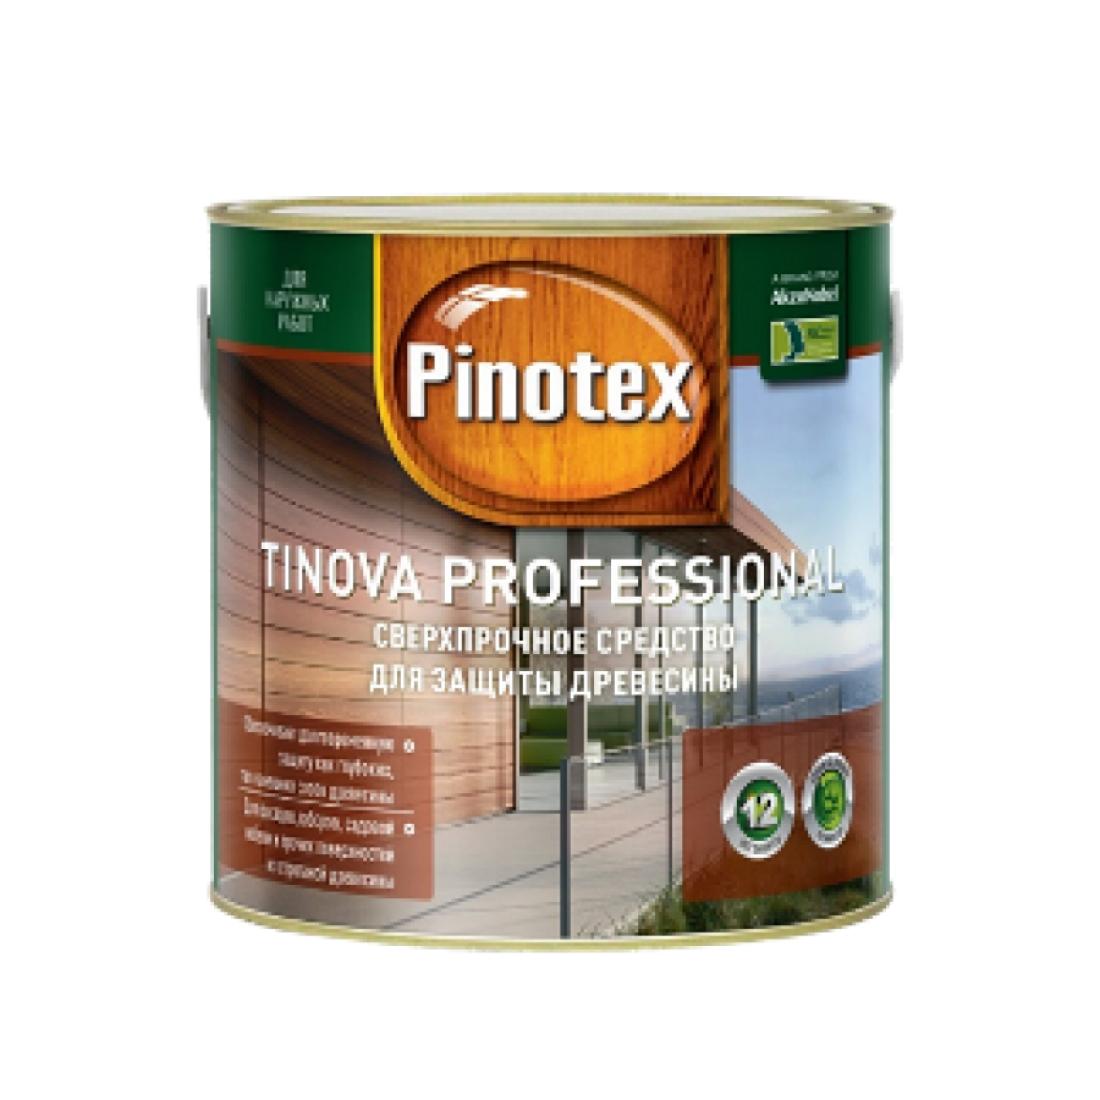 PINOTEX TINOVA антисептик профессиональный CLR, база под колеровку (0,75 л)